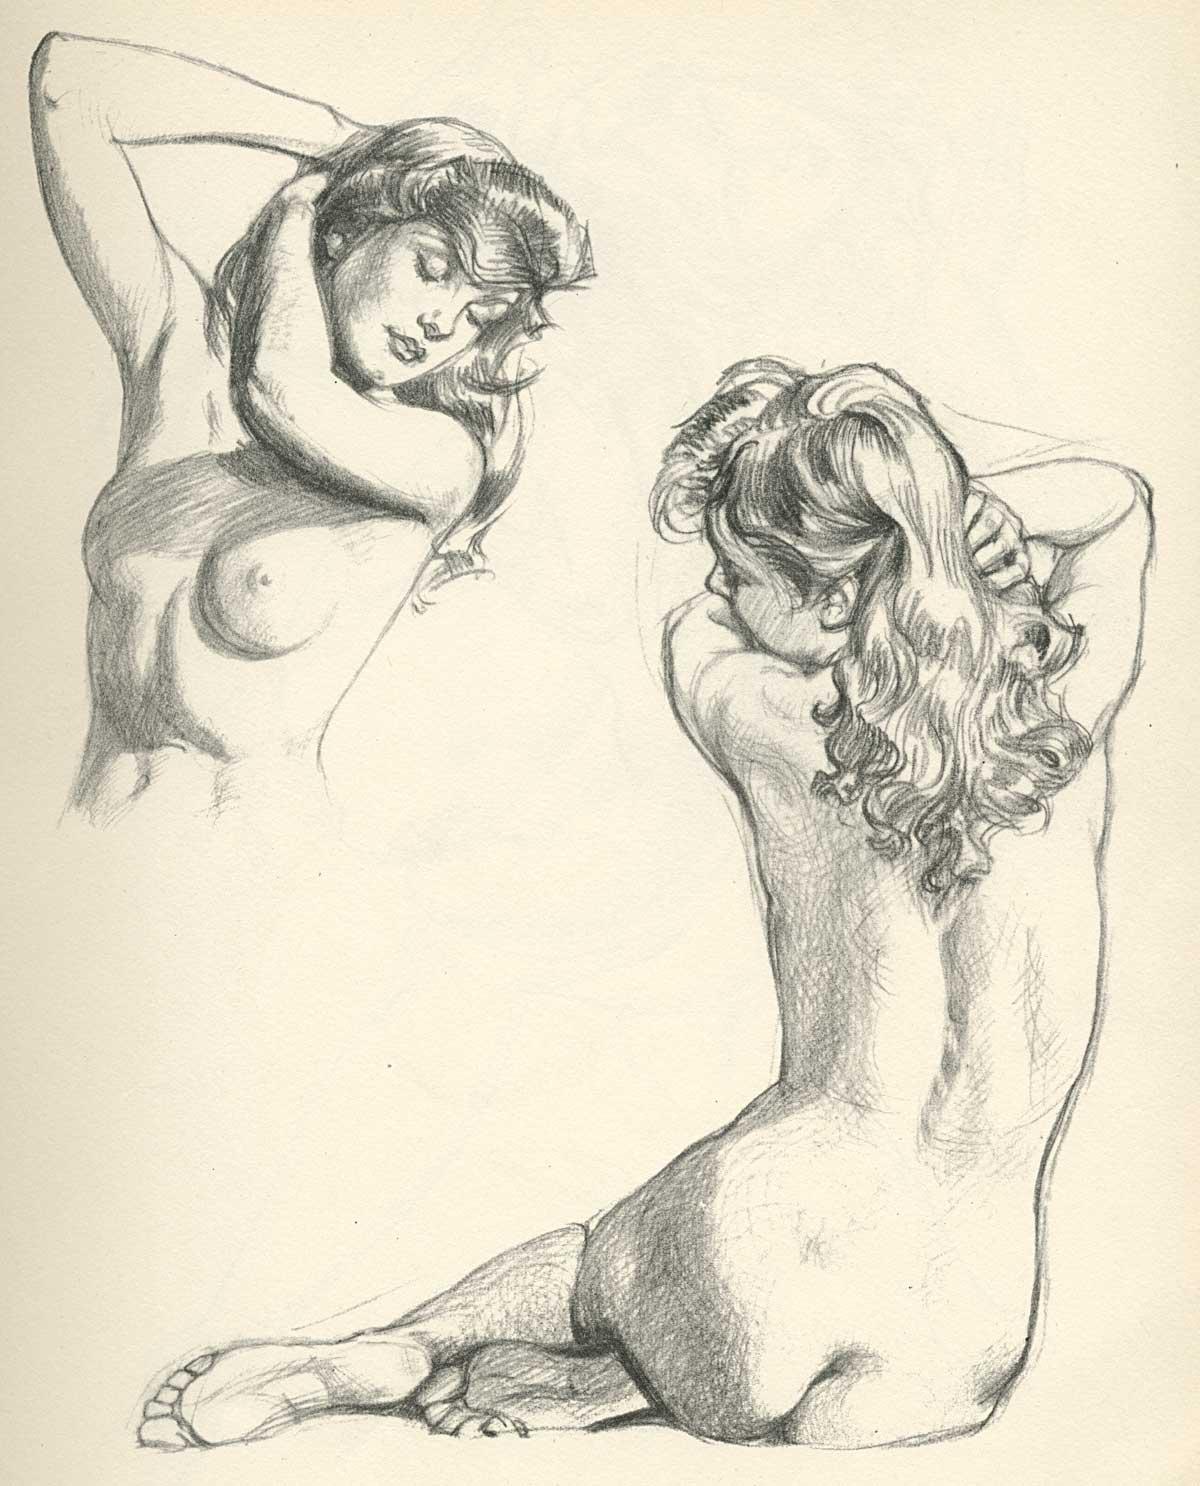 Erotic Drawings Big Top Bondage